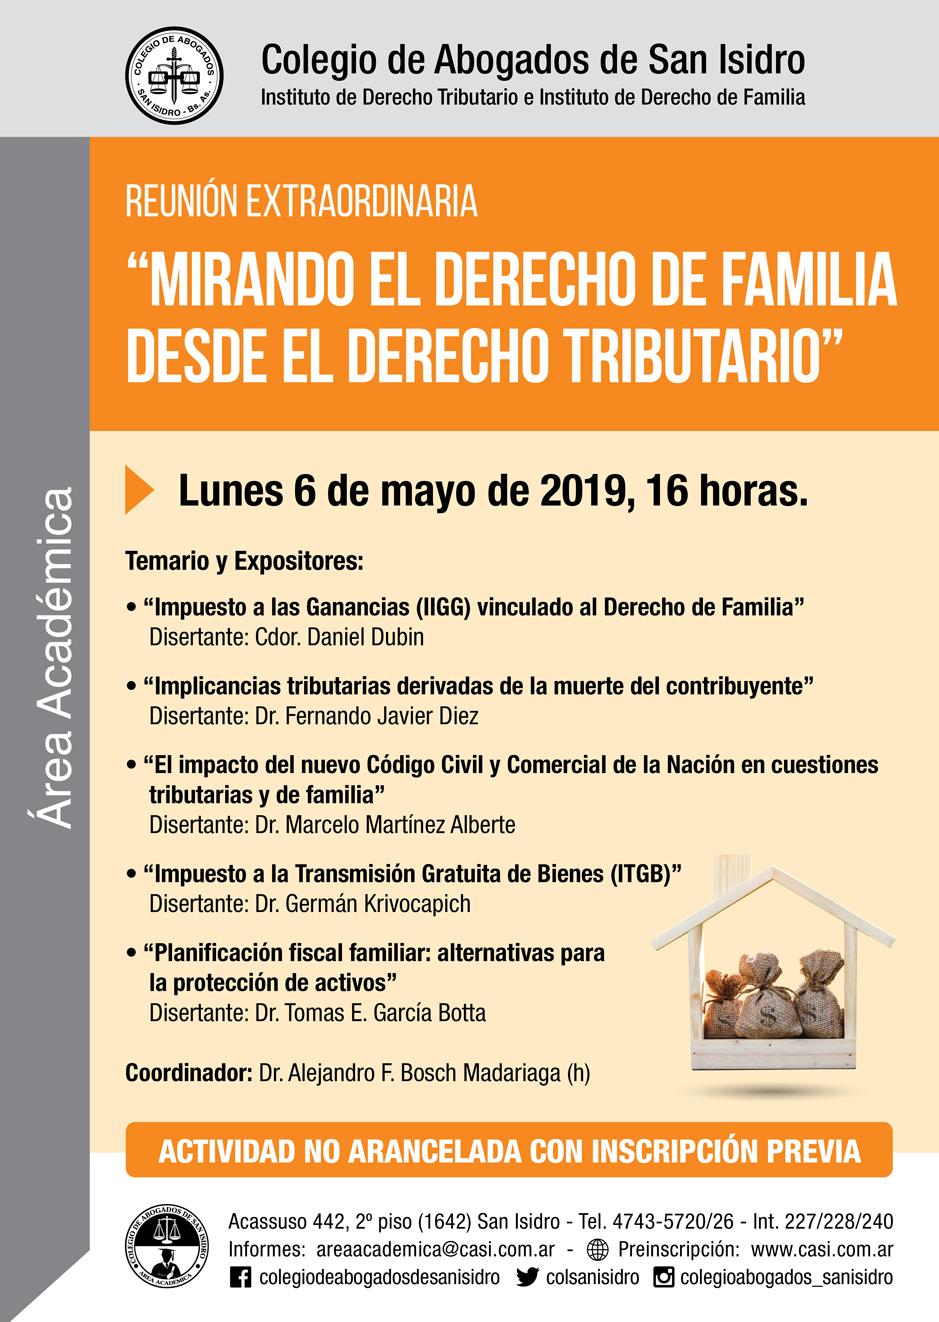 El Derecho de Familia desde el Derecho Tributario. Reunión